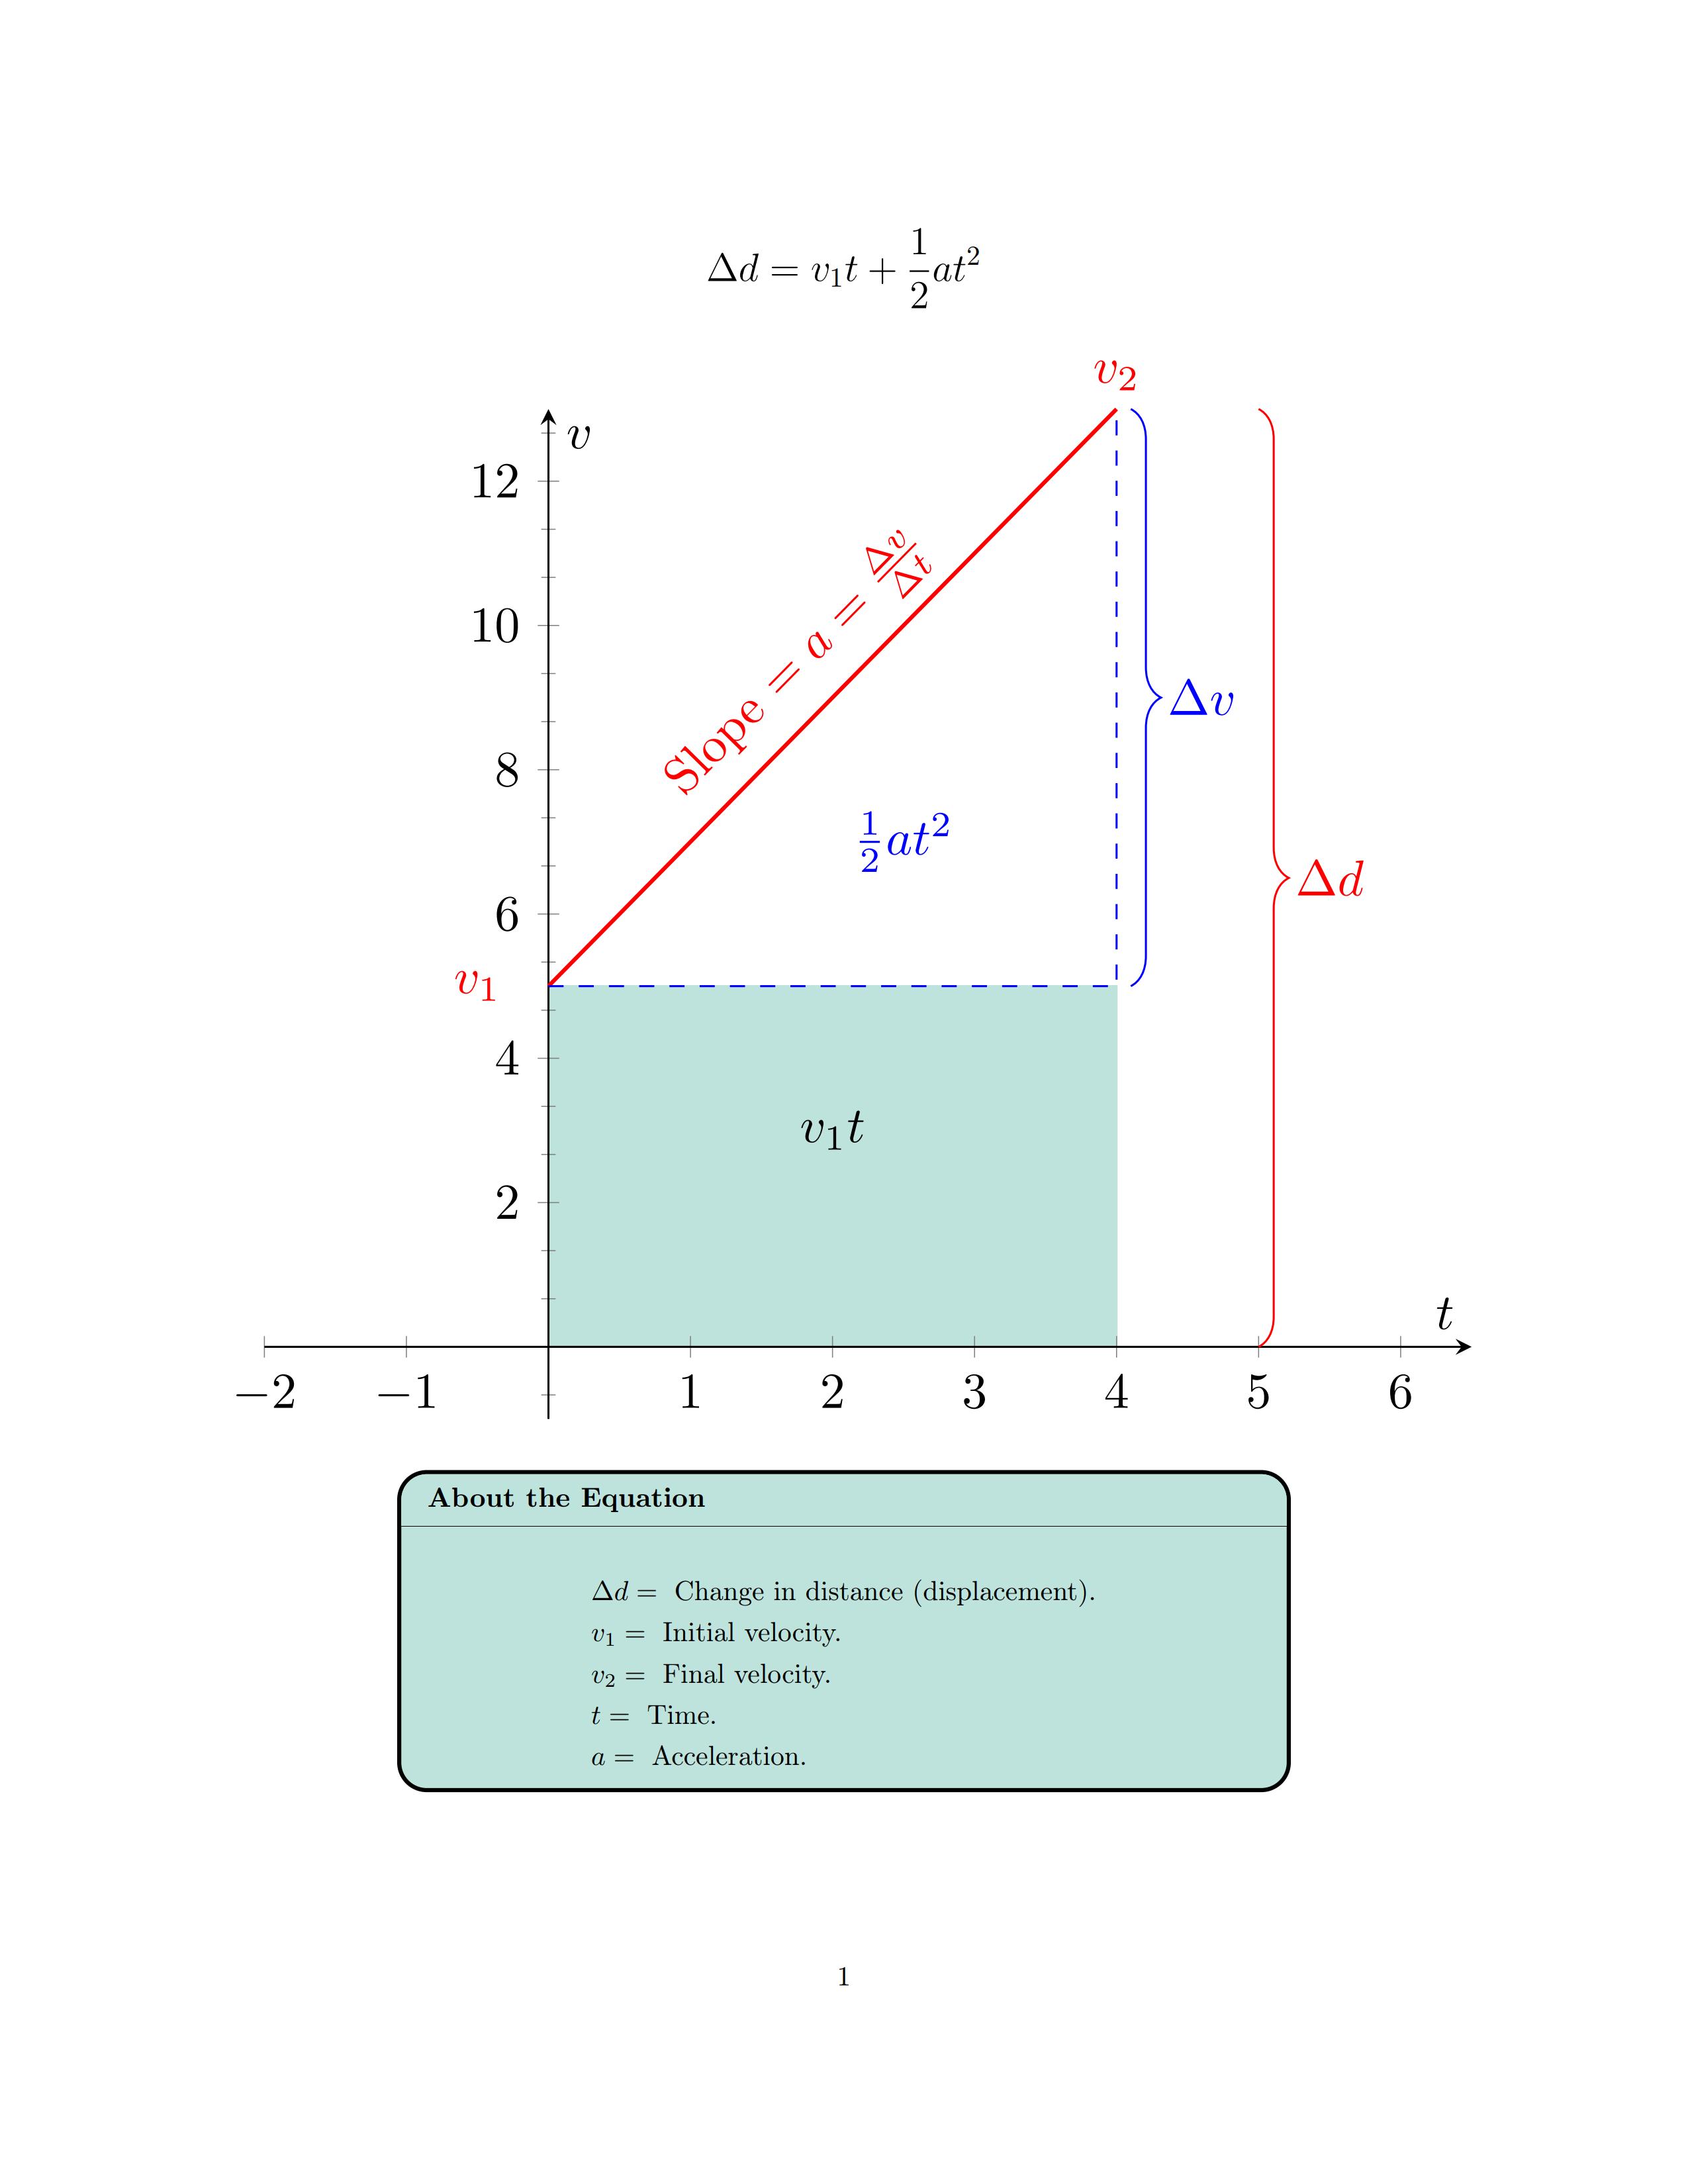 TikZ 绘制位移公式示意图